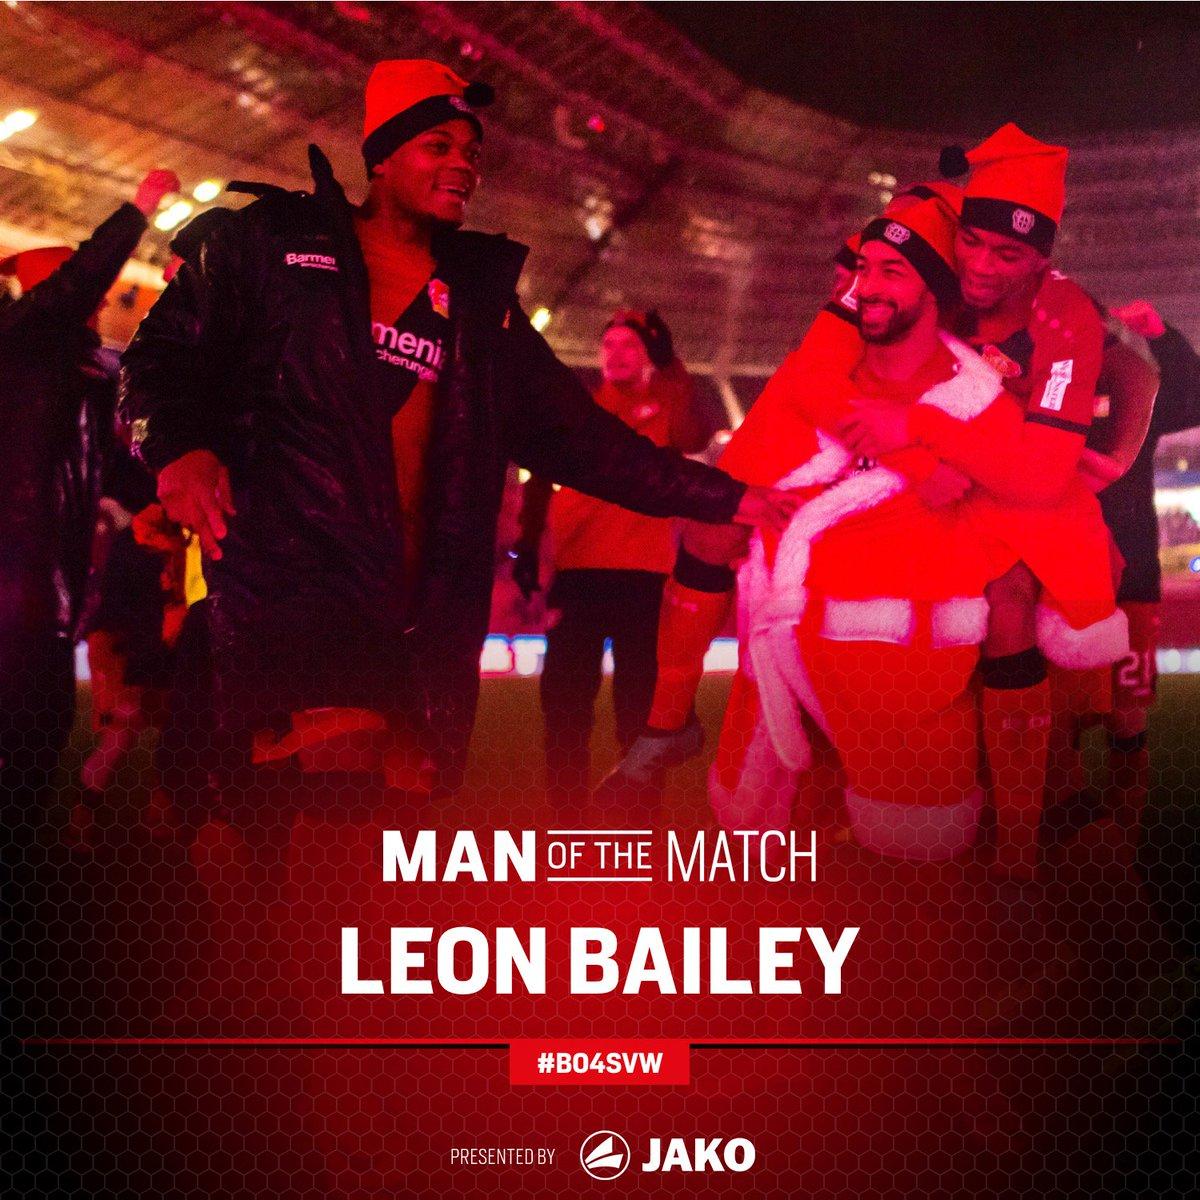 RT @bayer04fussball: Macht auch nach Abpfiff eine gute Figur - @leonbailey ist euer Spieler des Spiels! 🌪🙌  #B04SVW https://t.co/aTuWSwNi5H